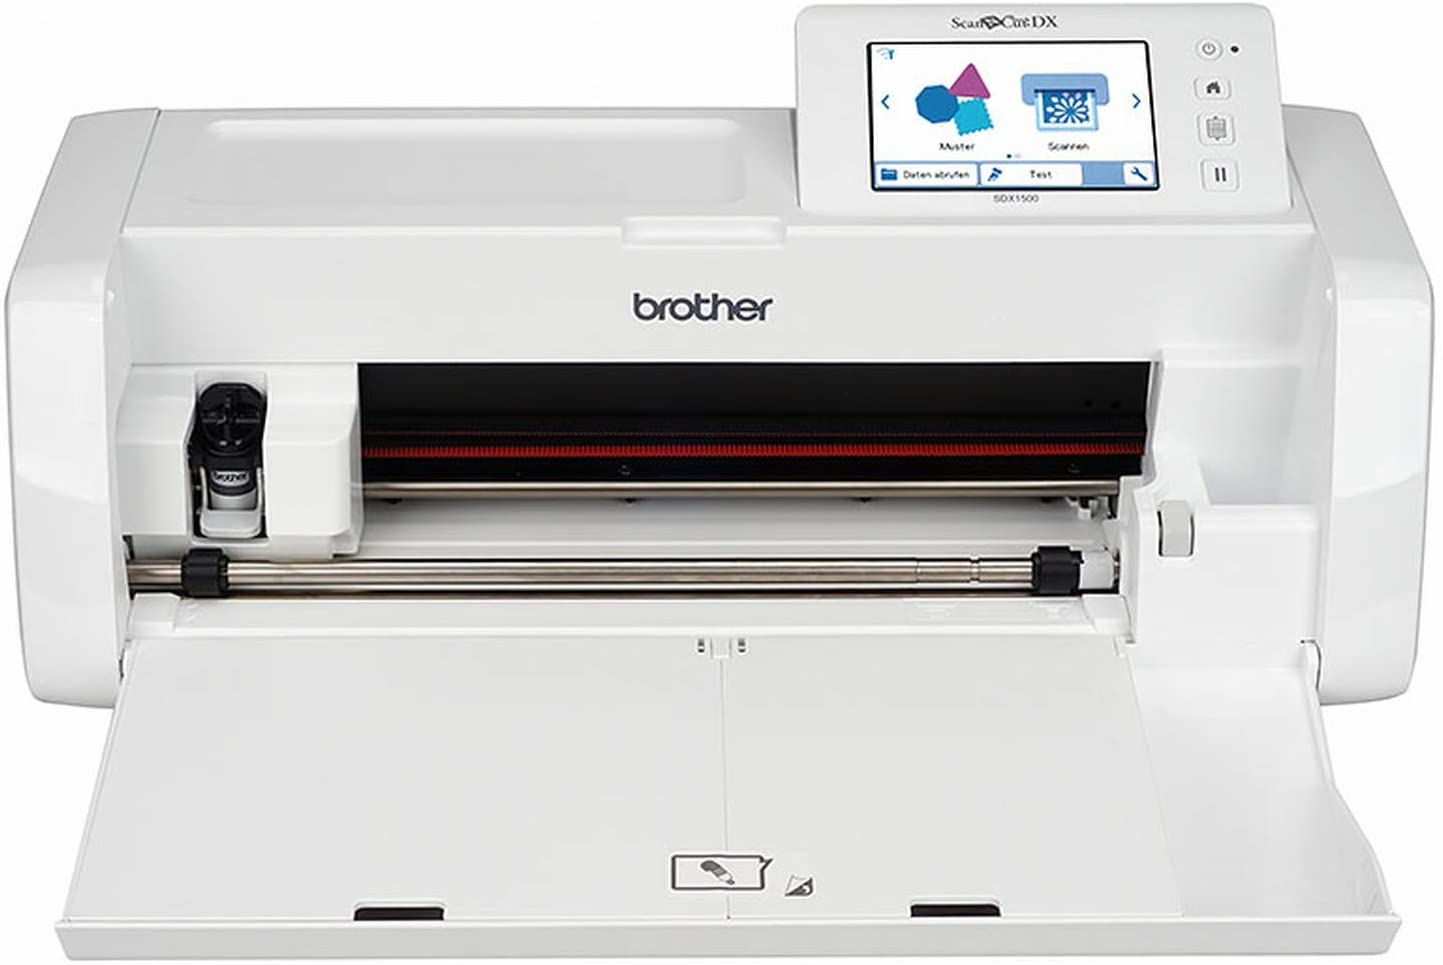 Brother ScanNCut SDX1500 - Plóter de Corte (Accesorio Extra para Cortar, escanear y Estampar): Amazon.es: Electrónica